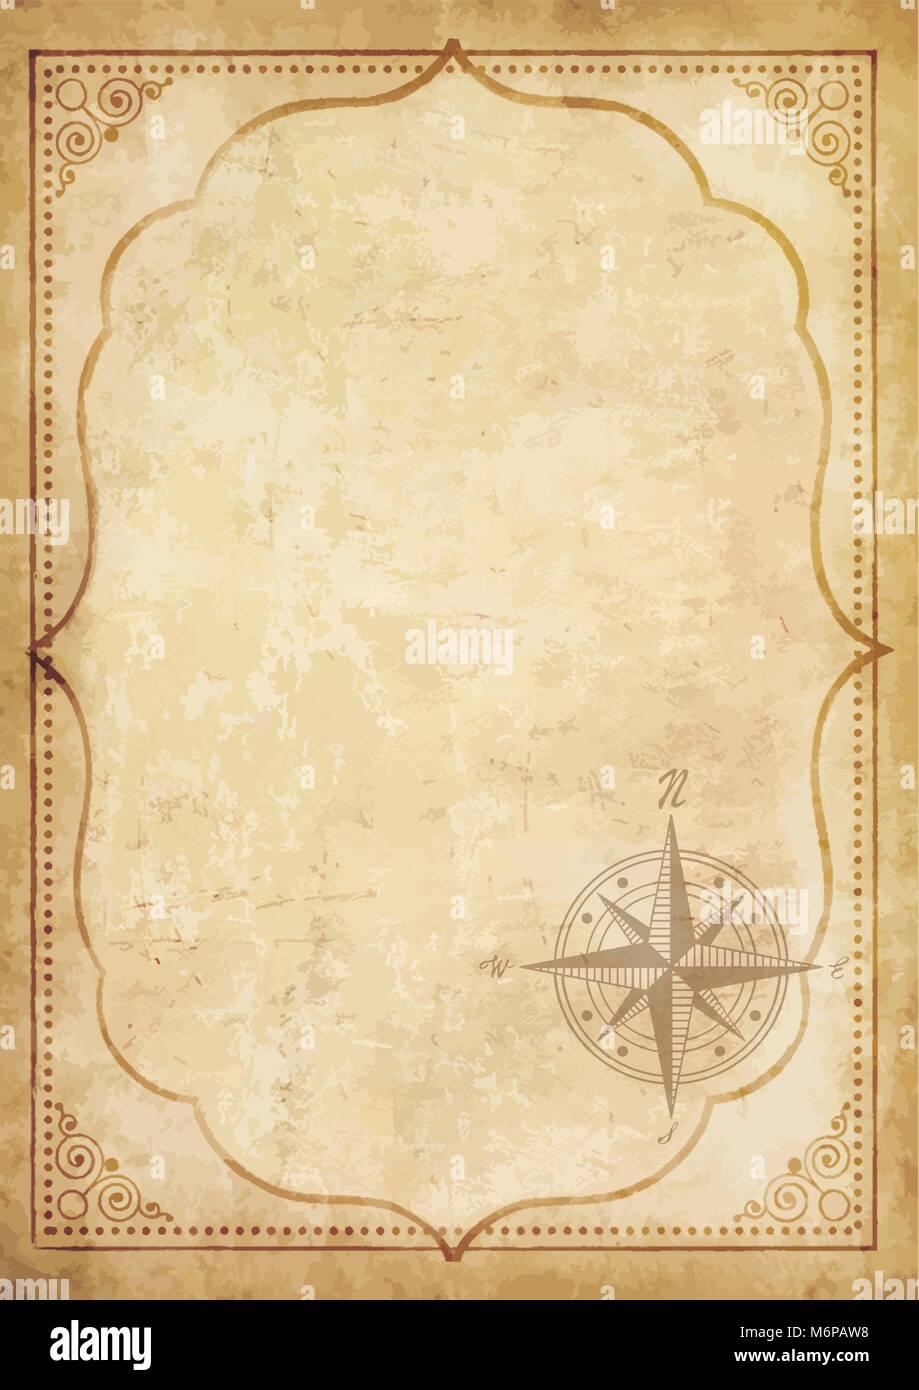 Alte vintage Papier mit Windrose Kompass anmelden. Sehr detaillierte ...